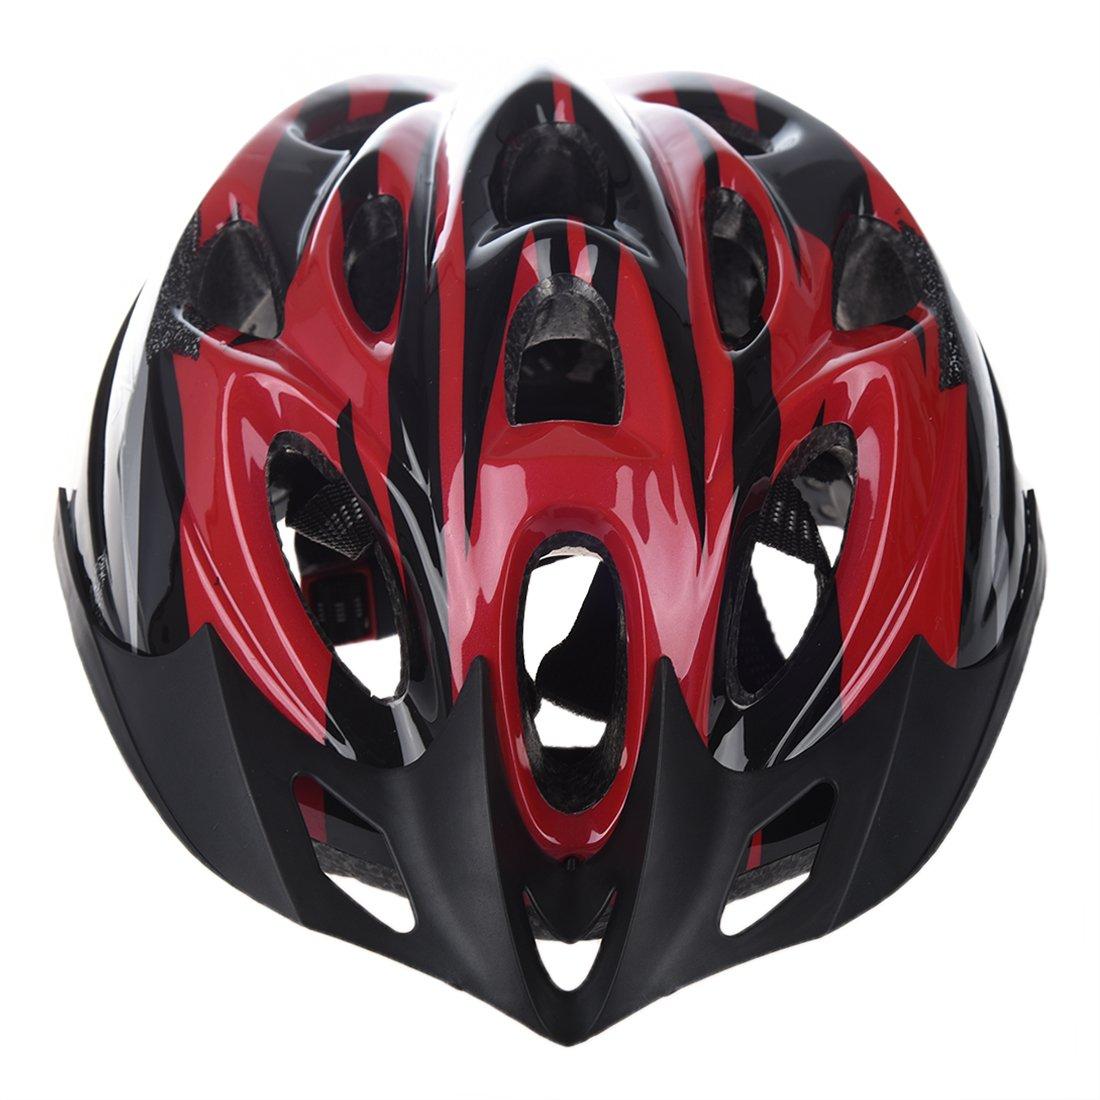 Casco JSZ casco de bicicleta para los adultos hermoso casco de carbono